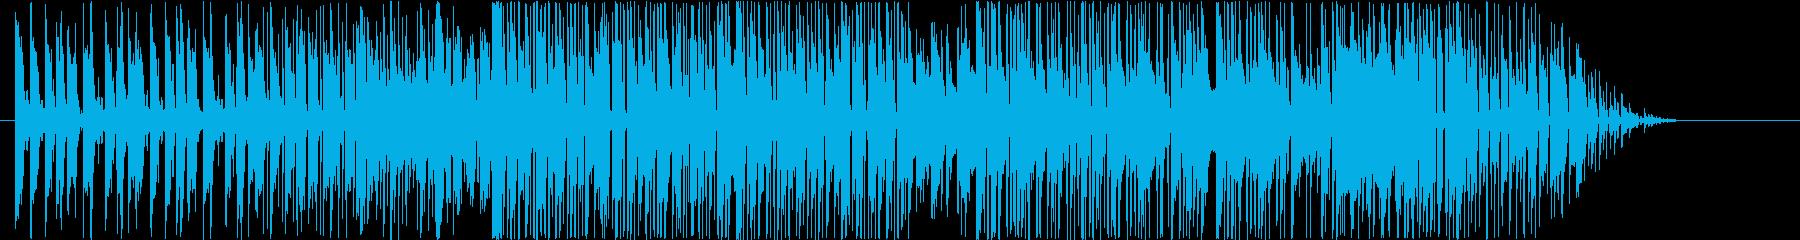 テクニカルなスラップベースの再生済みの波形